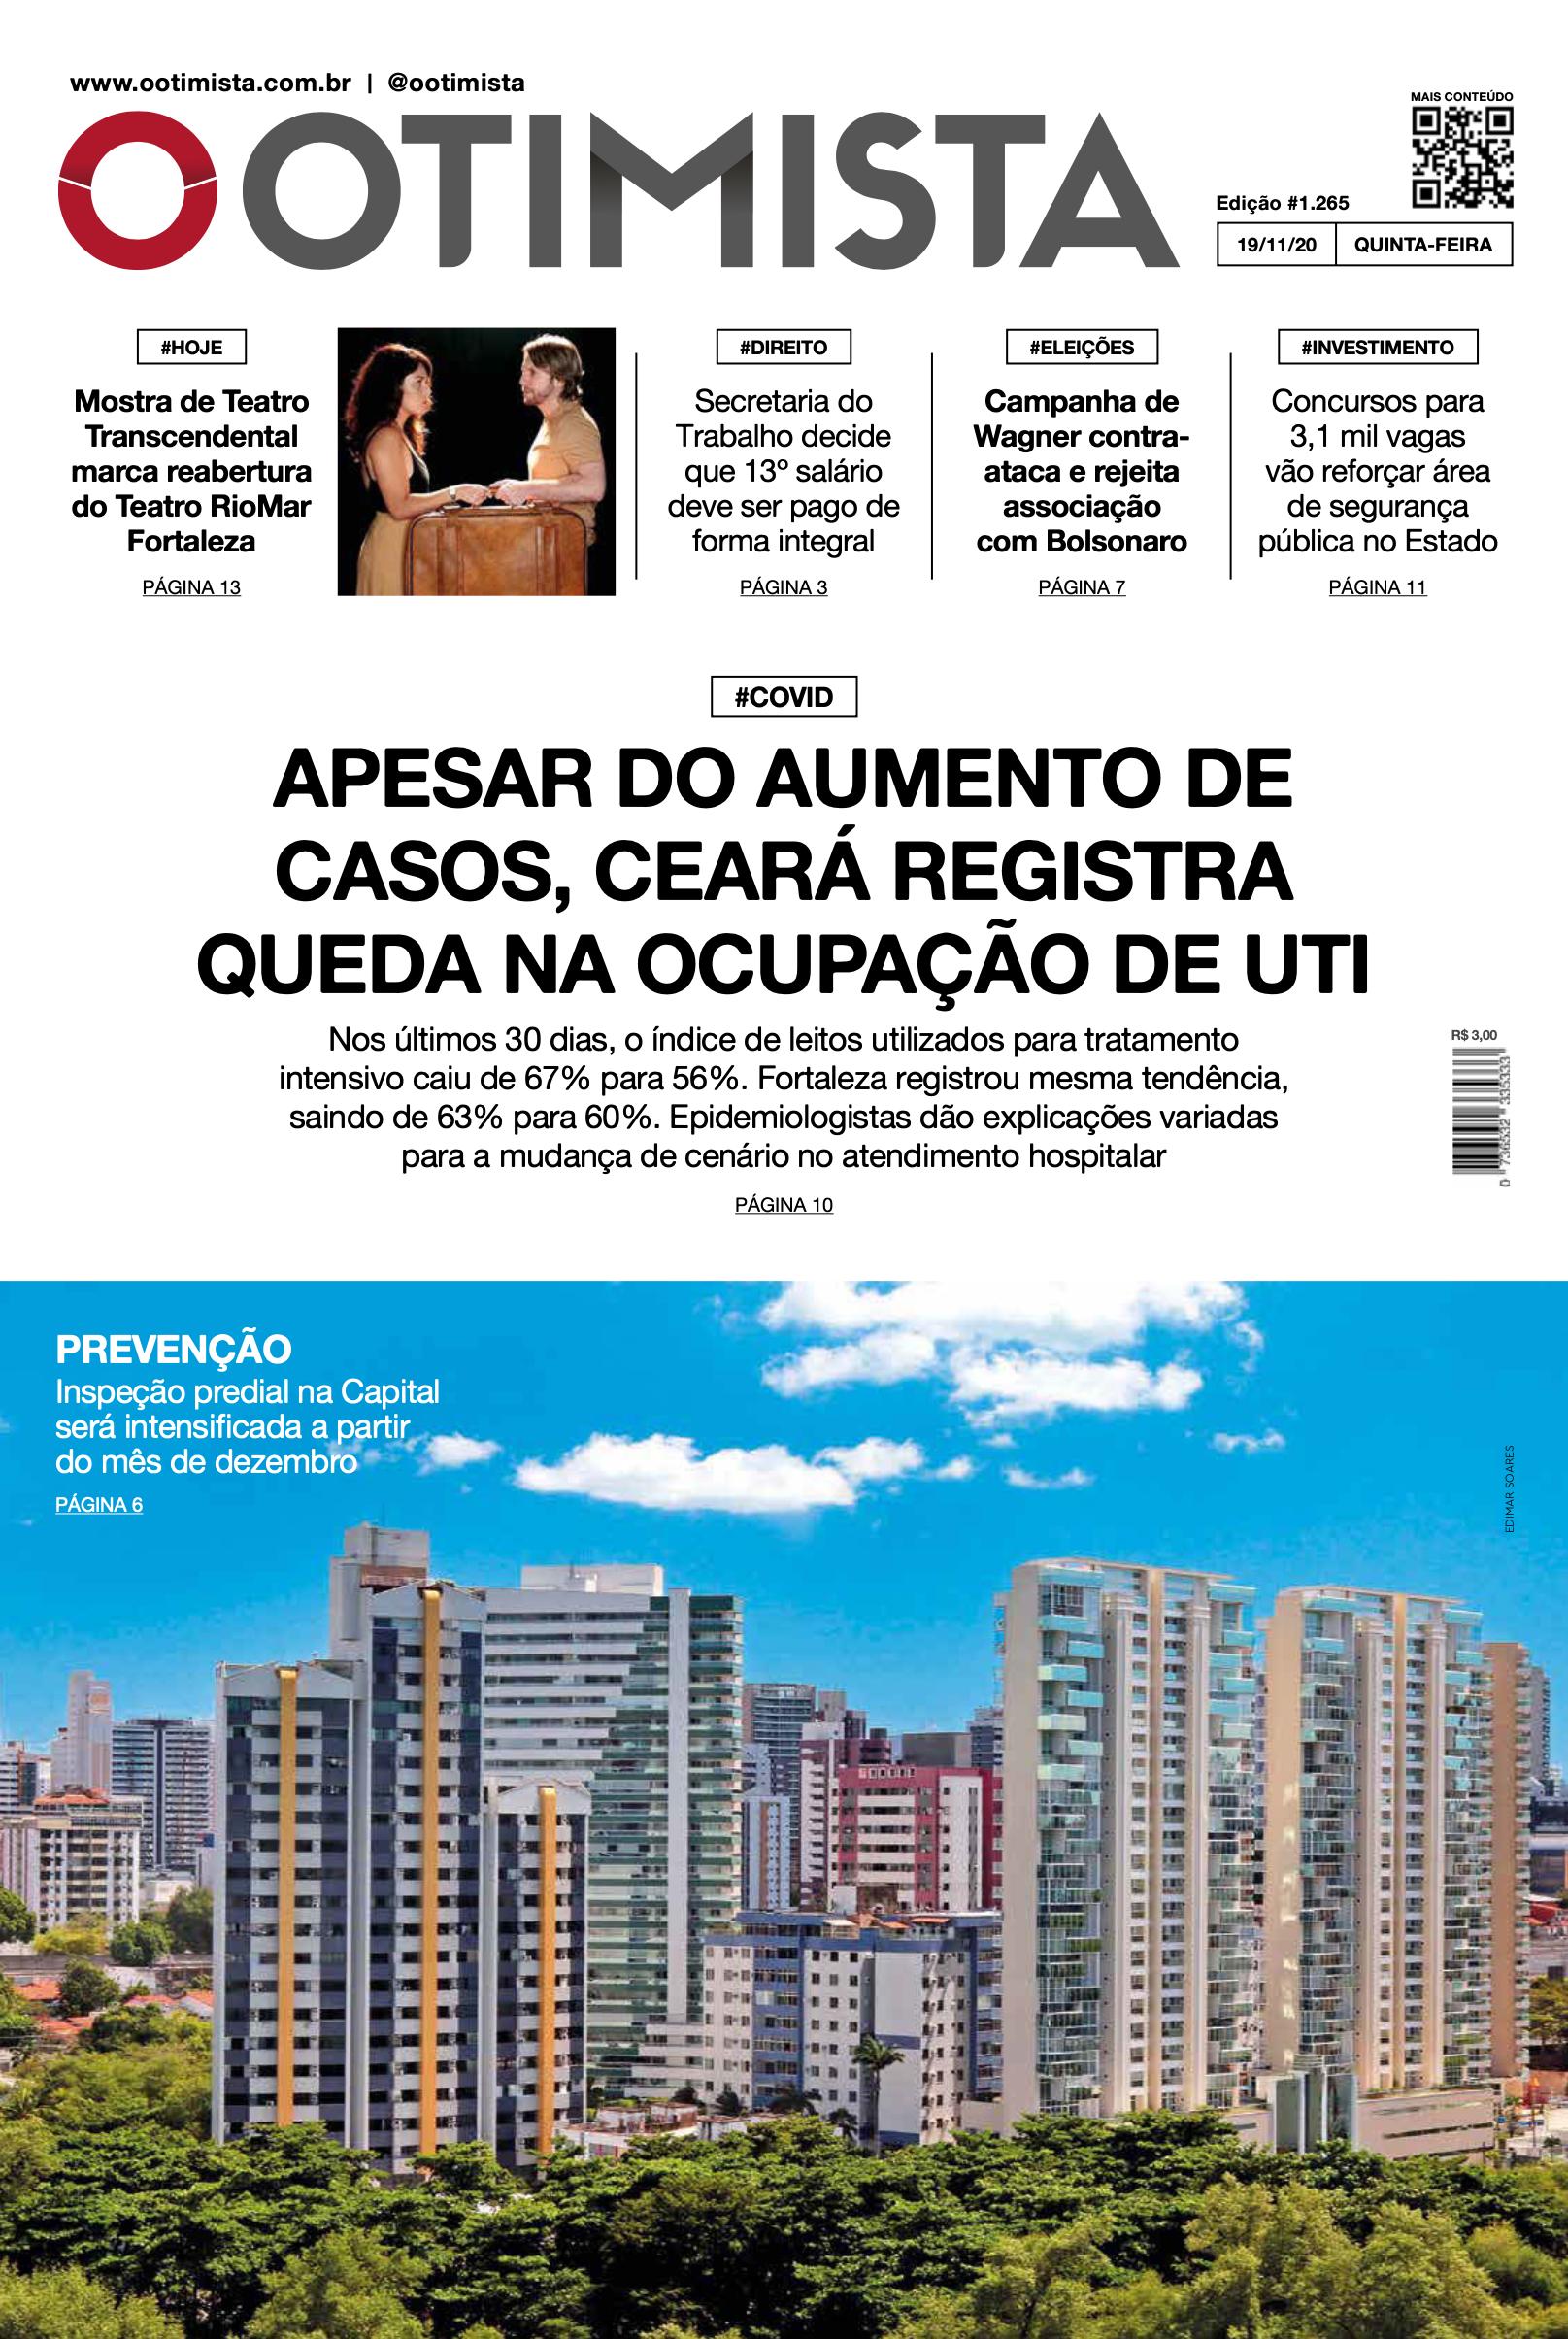 O Otimista – Edição impressa de 19/11/2020